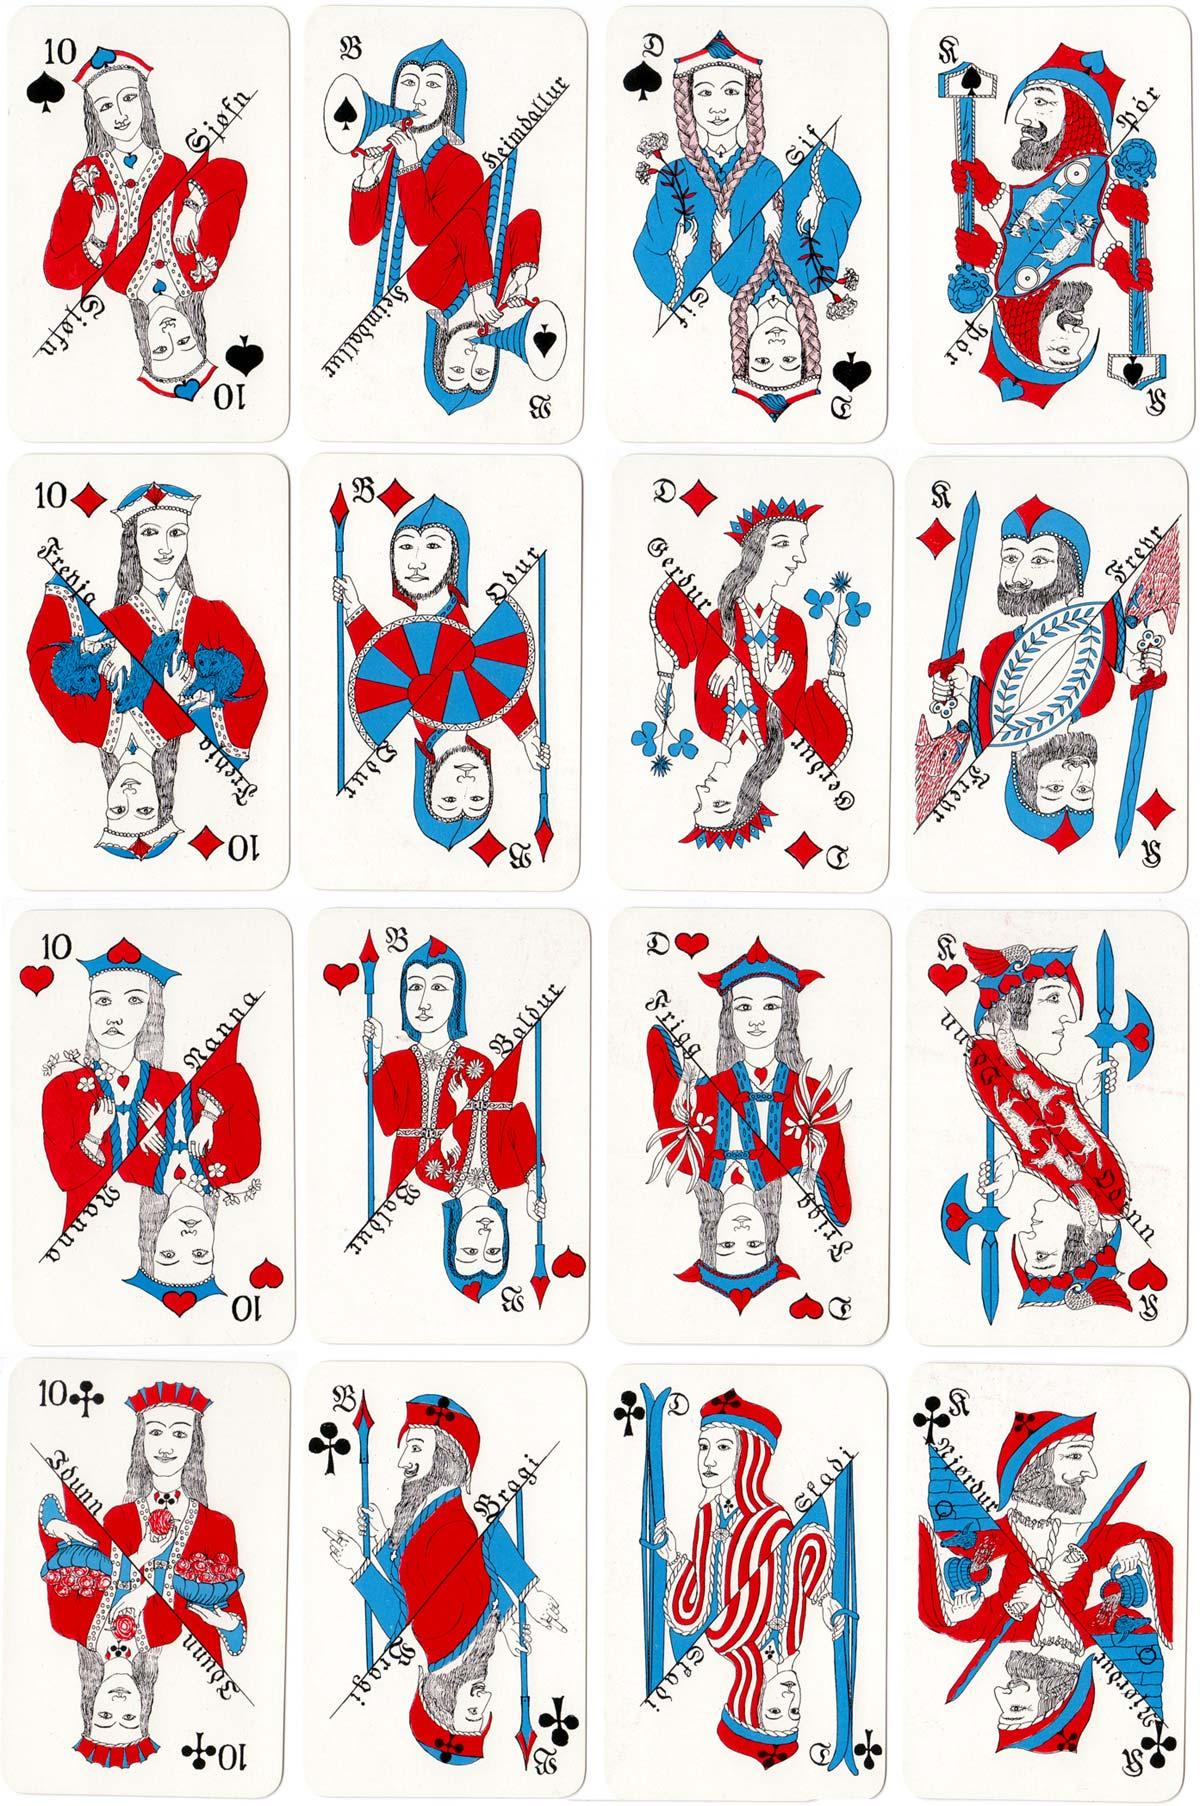 Icelandic Mythological Playing Cards manufactured by Handa, 1958